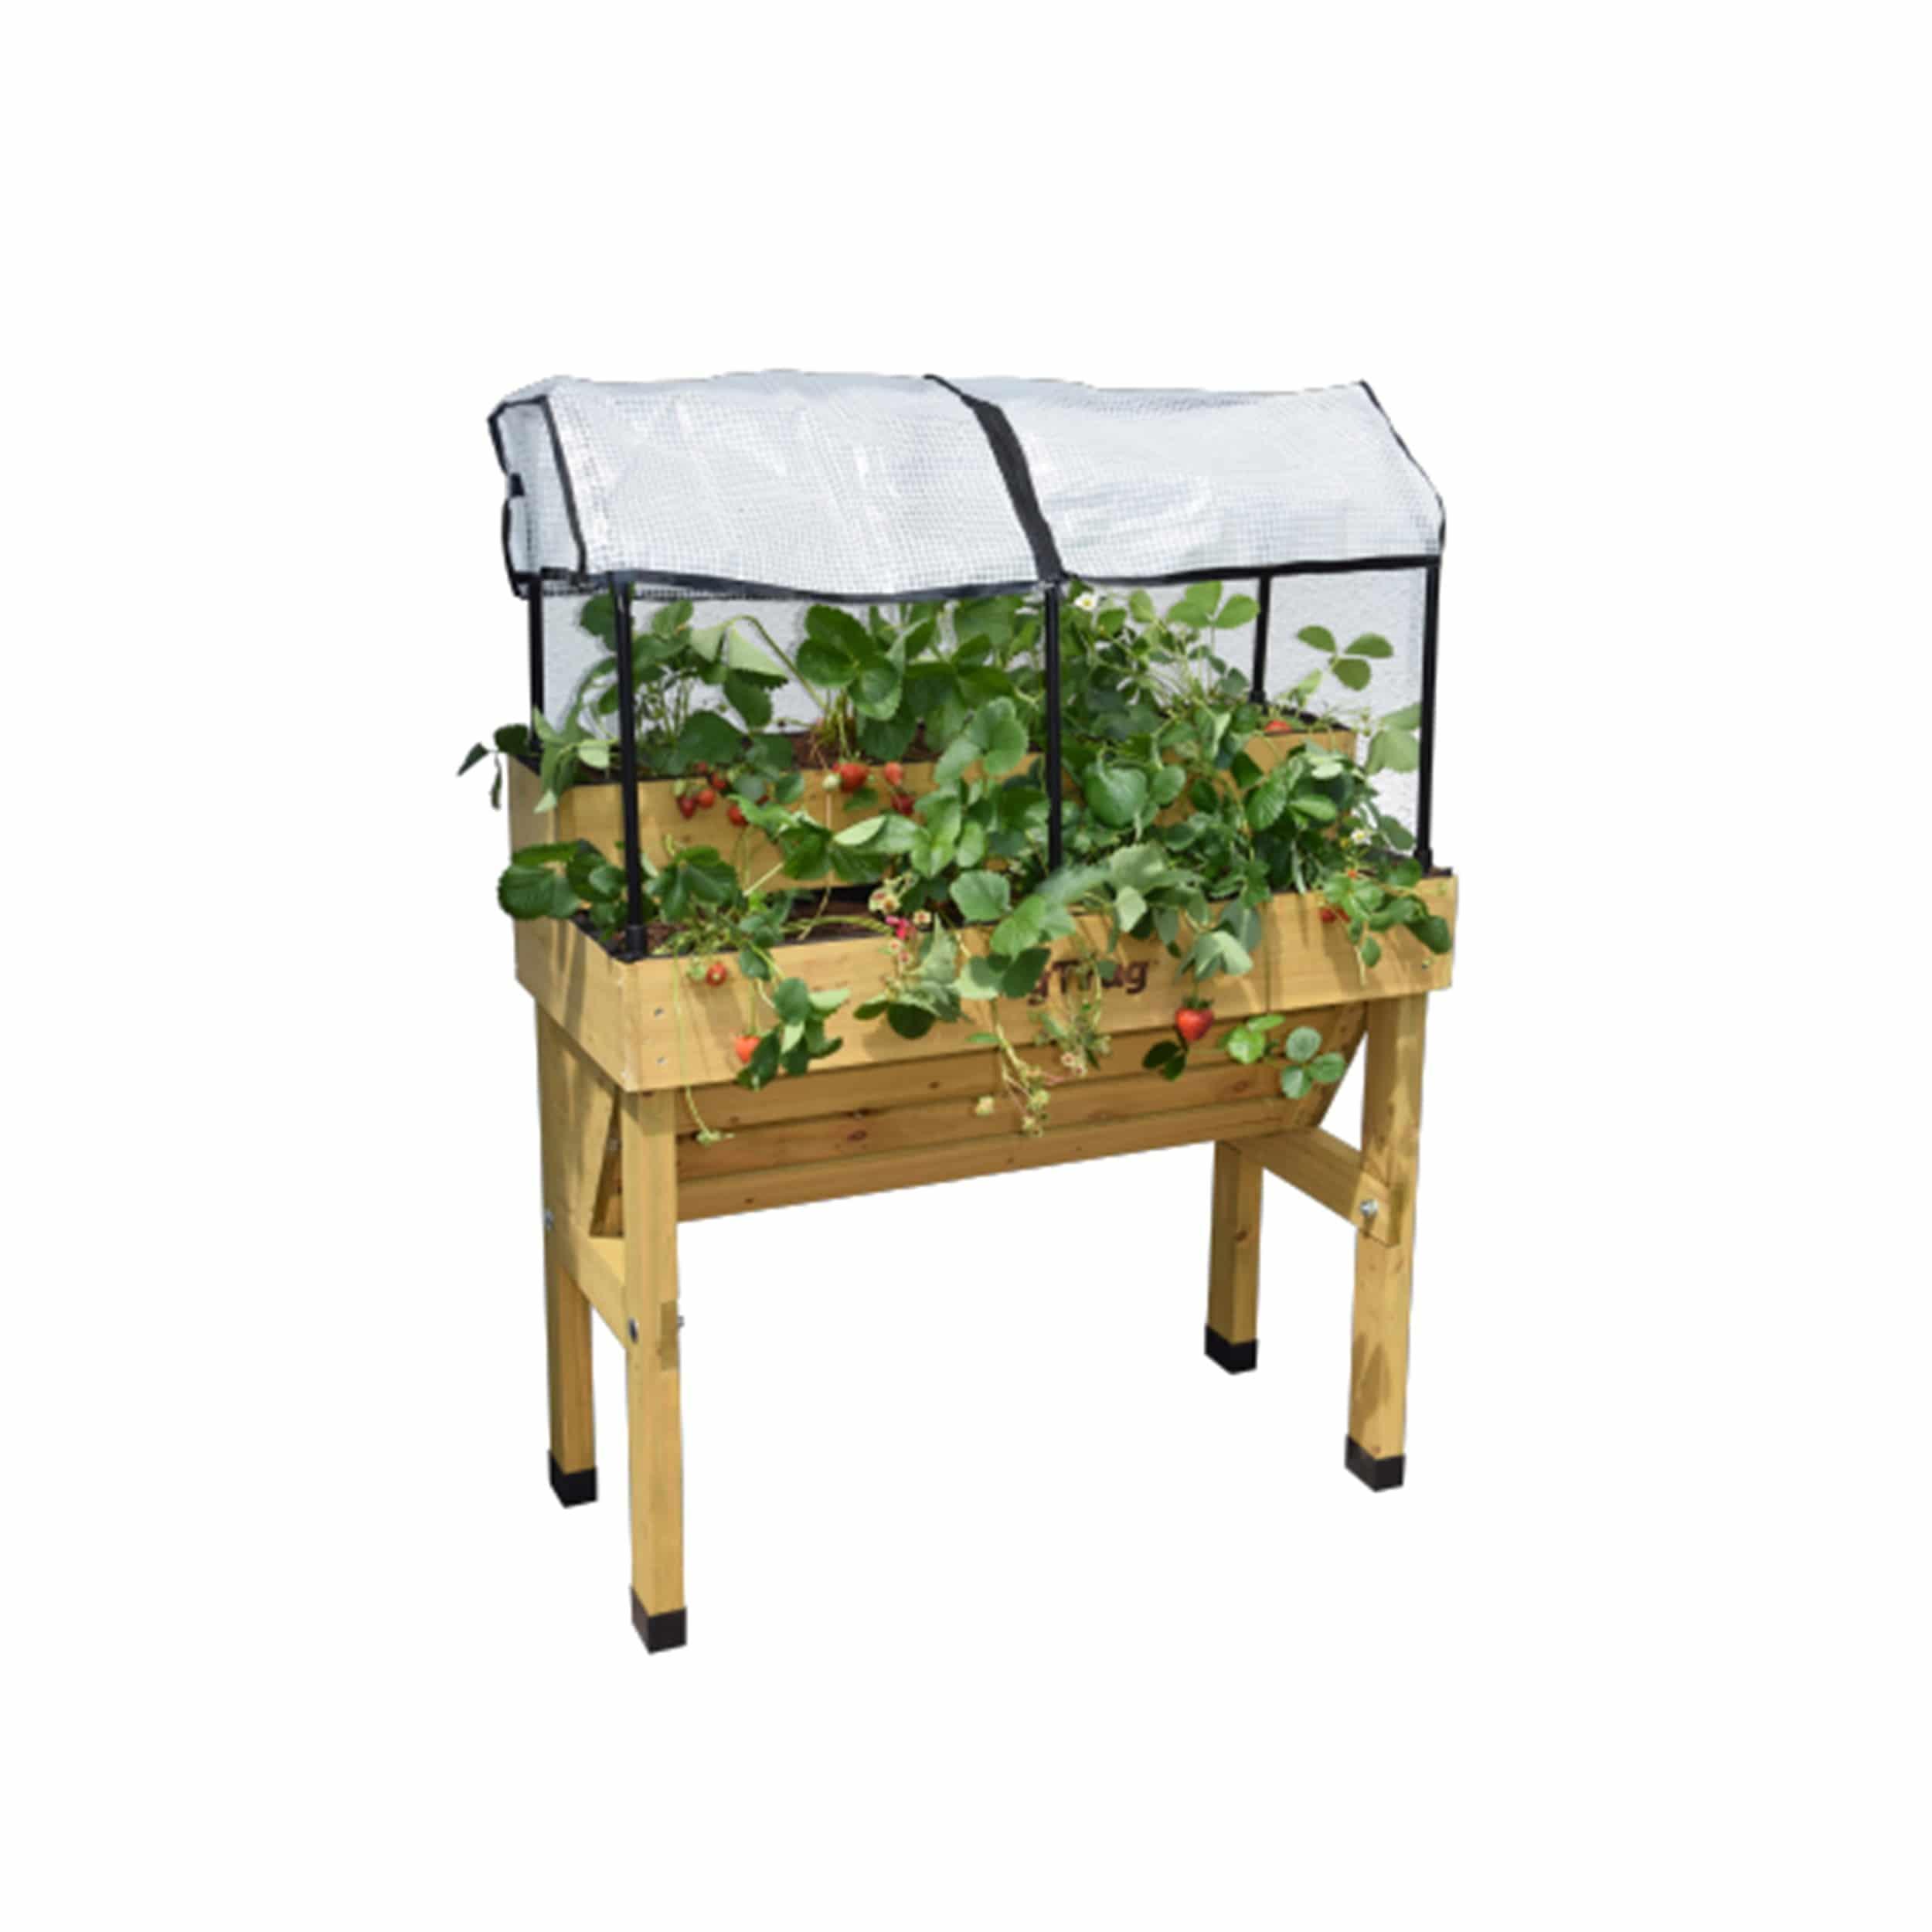 Hochbeet Erweiterungsset für Erdbeer-Anbau